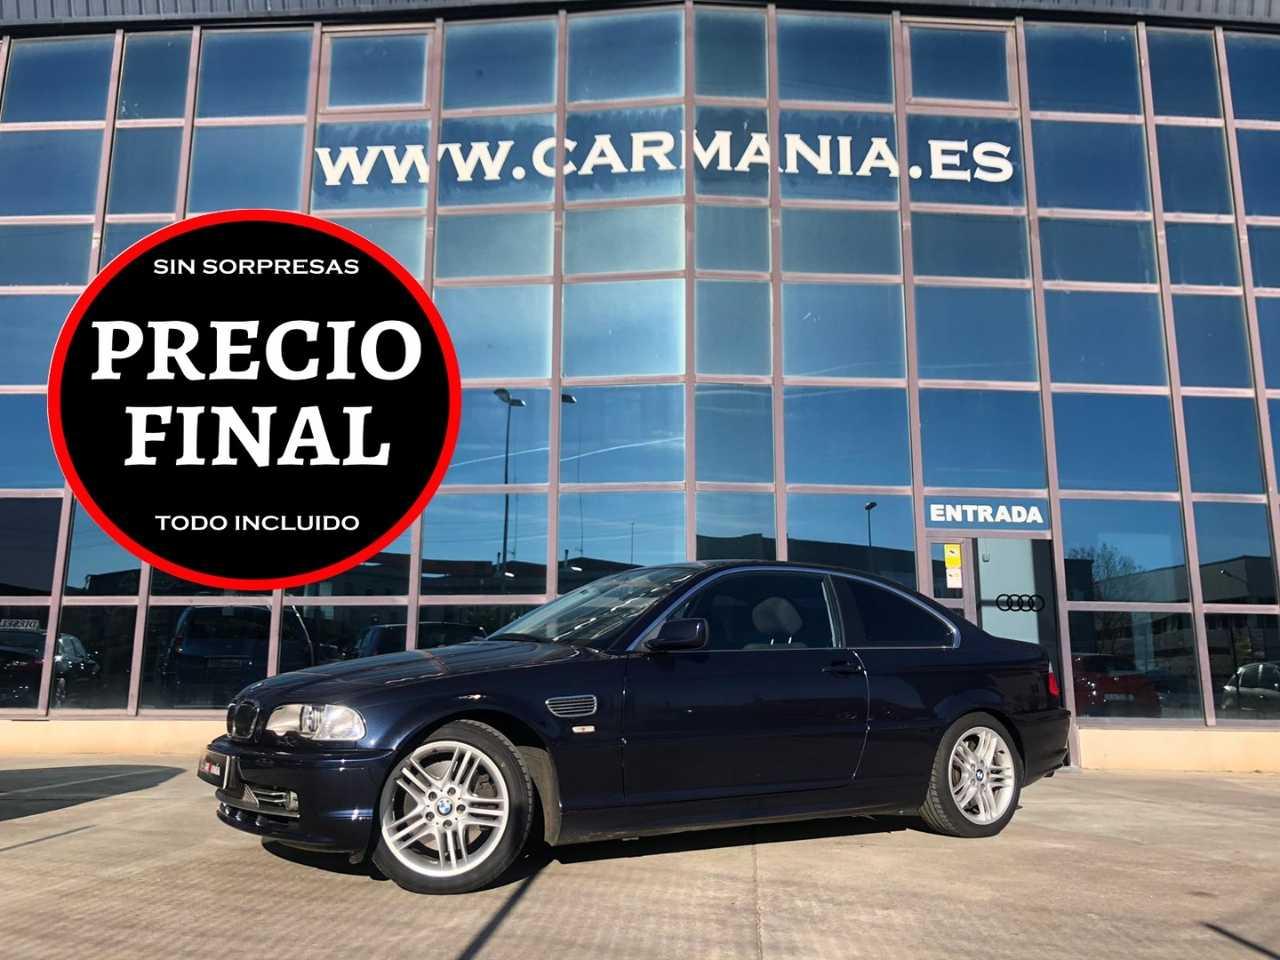 BMW Serie 3 Coupé 330 Ci e46  - Foto 1